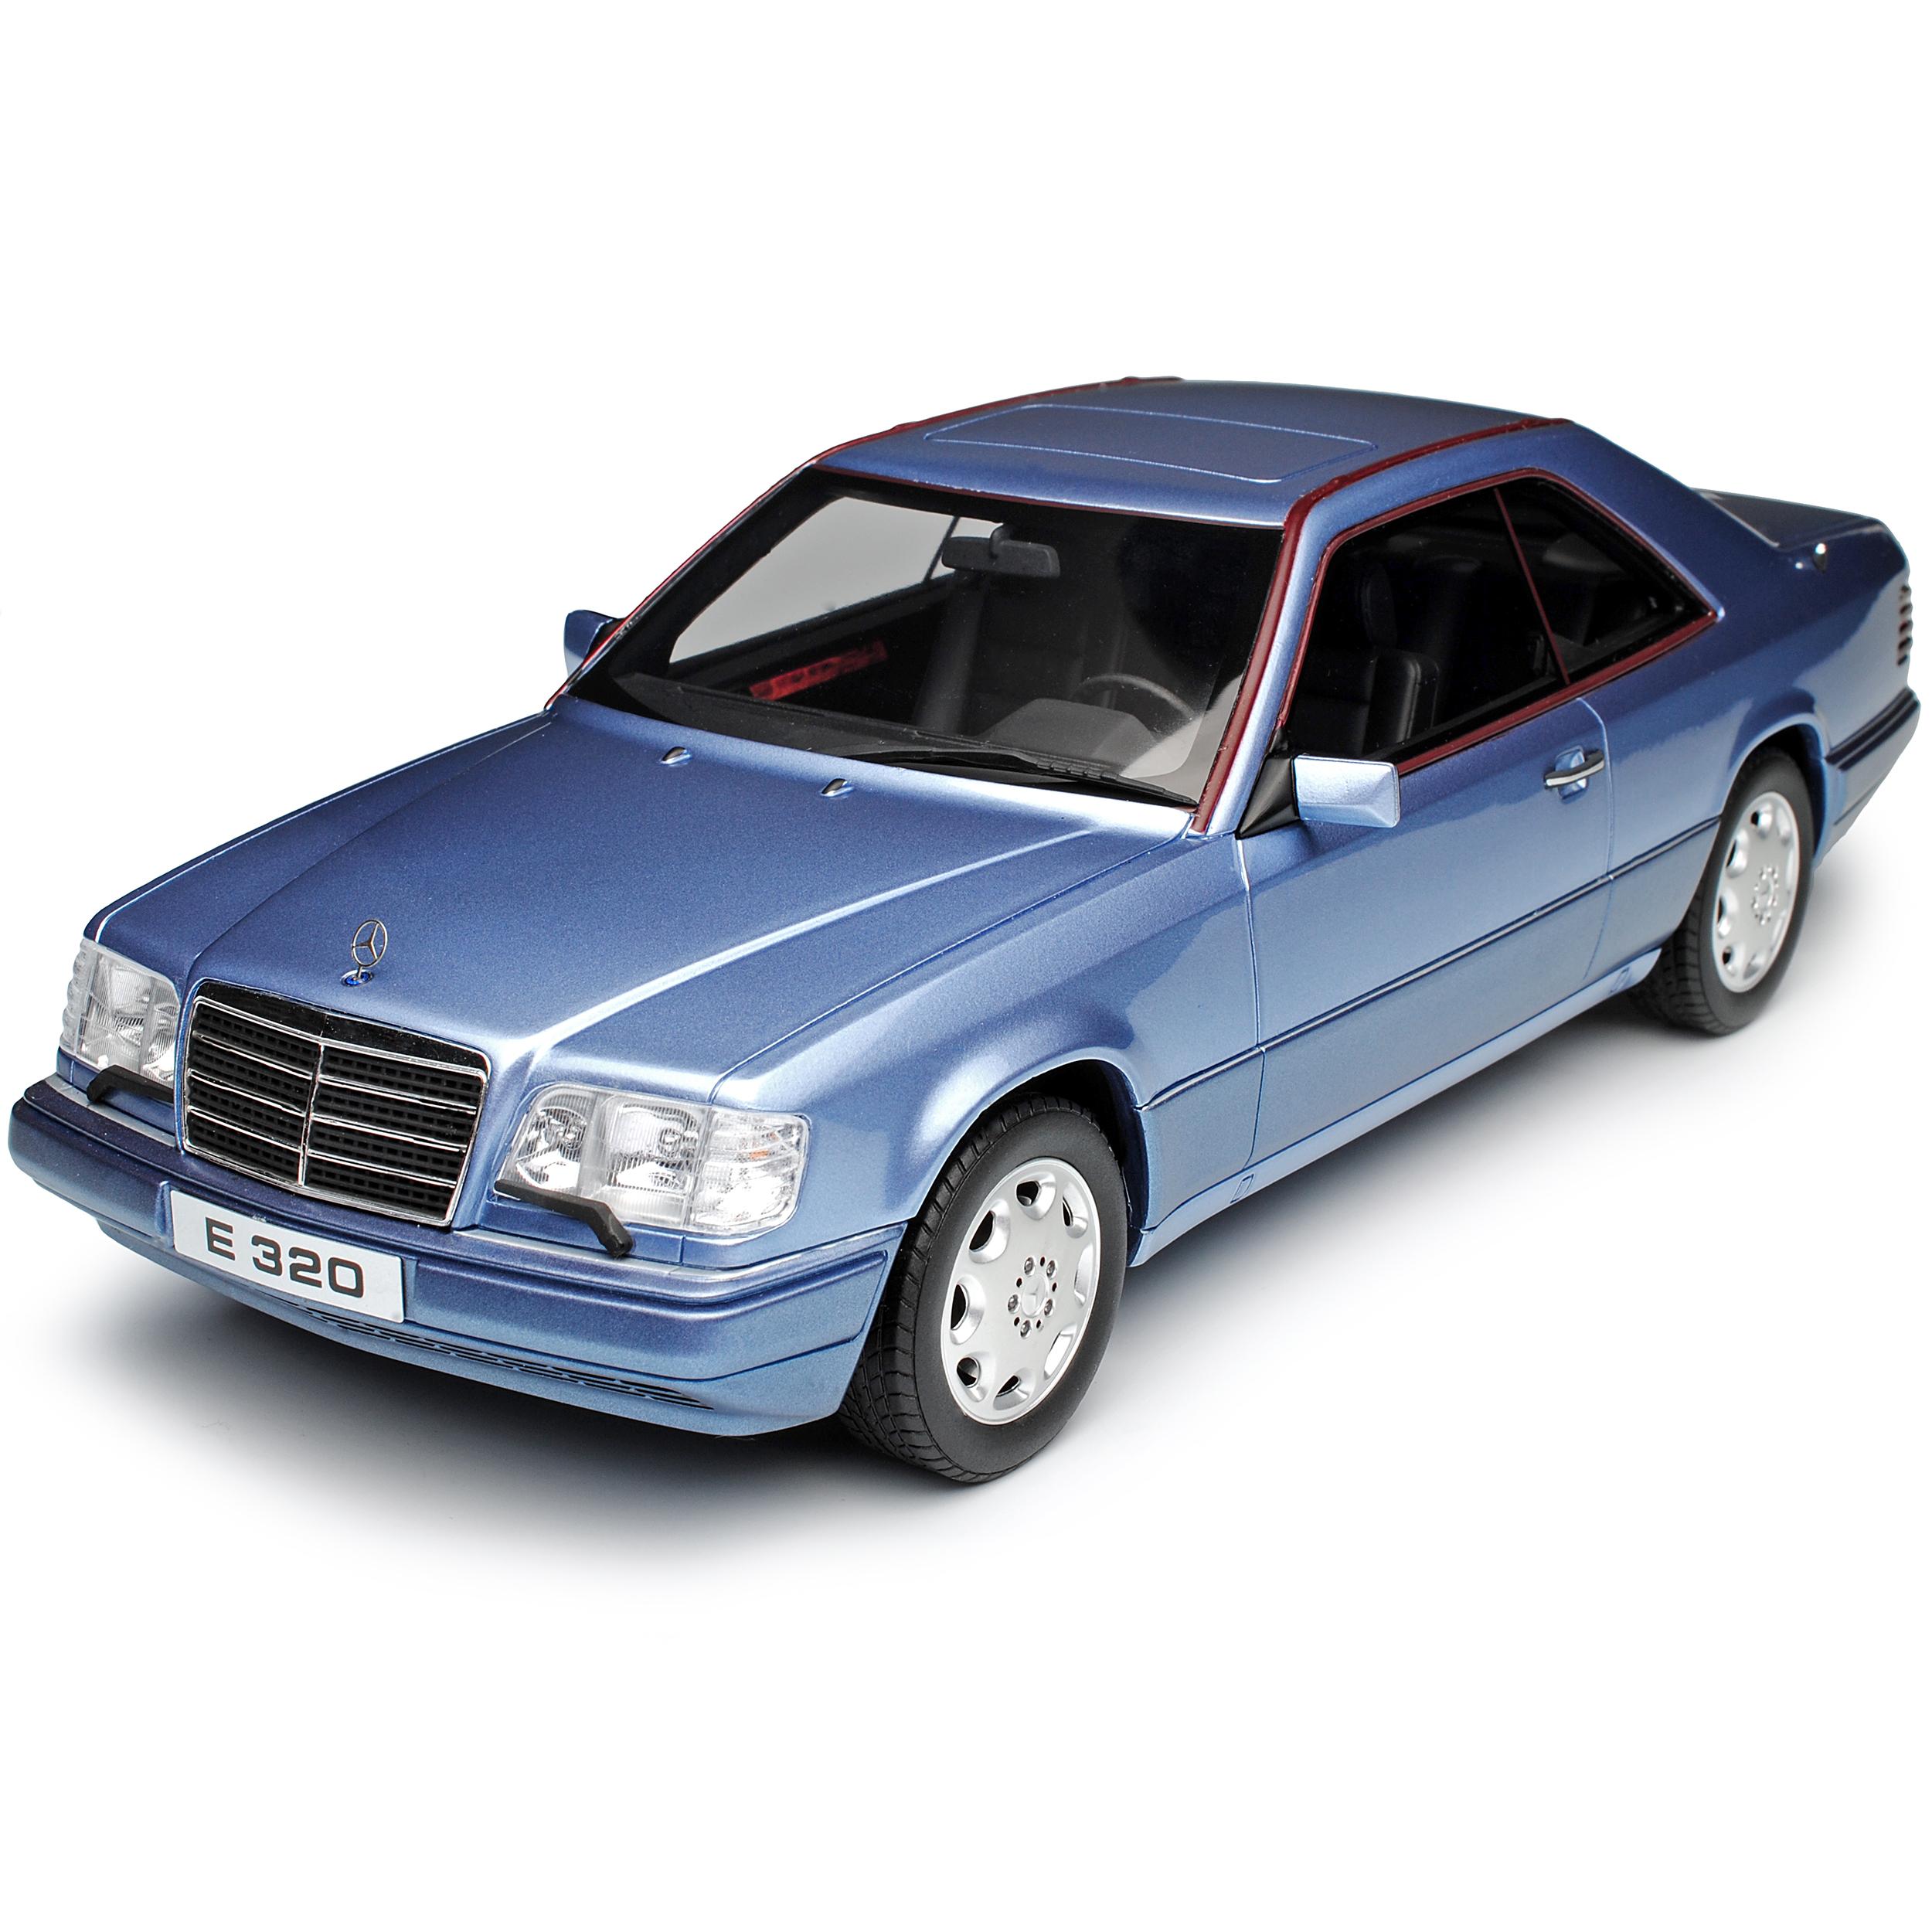 MERCEDES-BENZ CLASSE E E E e320 c124 Coupe Blu 1984-1997 nr 682 1 18 otto modello... d5eb43